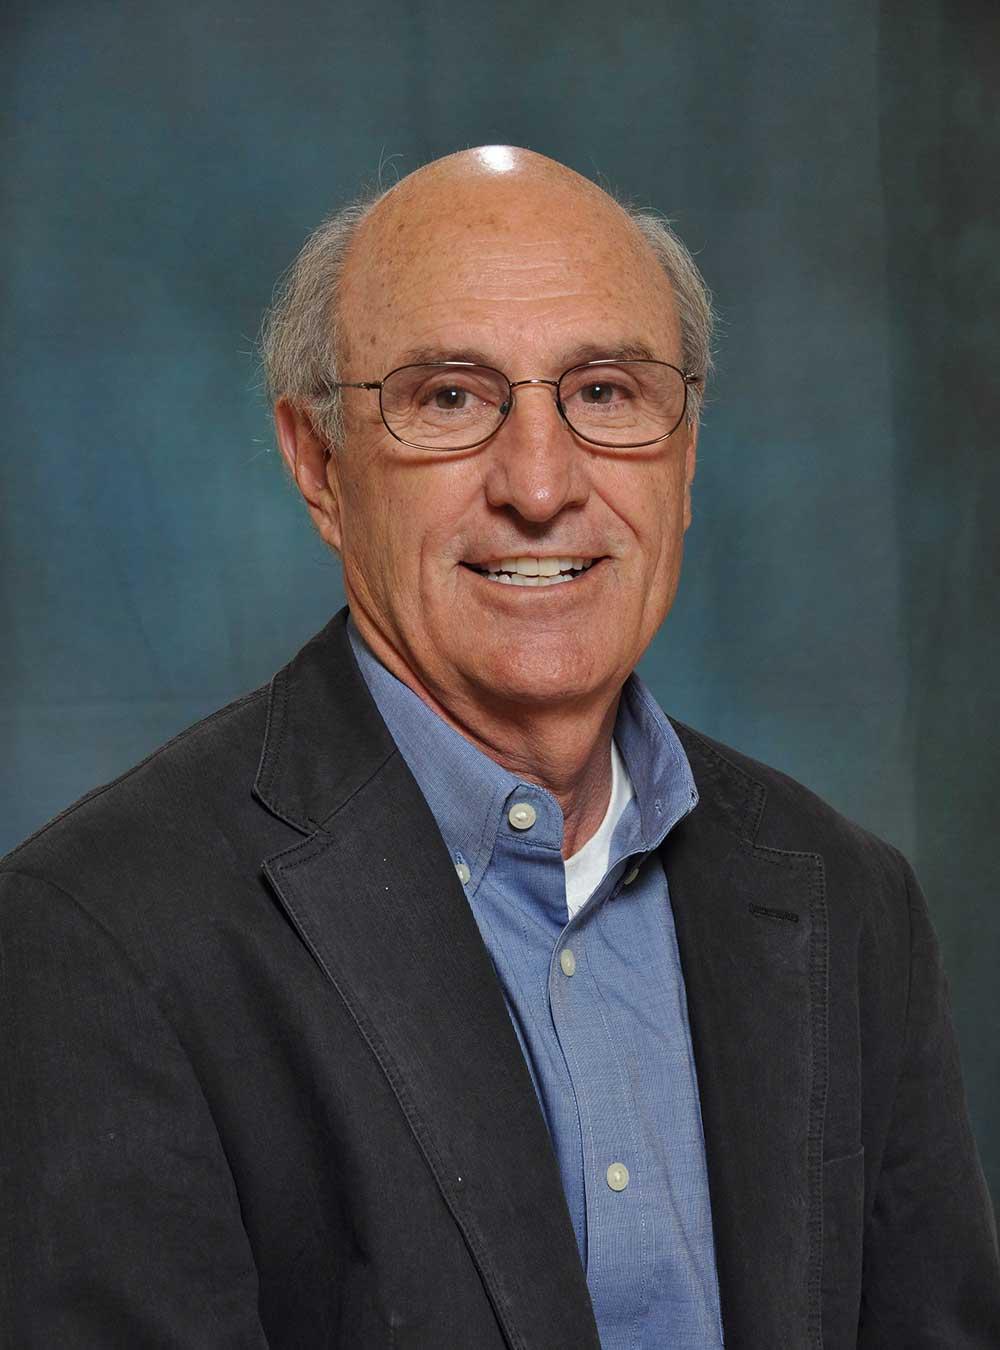 Portrait of Jerry W. Markham